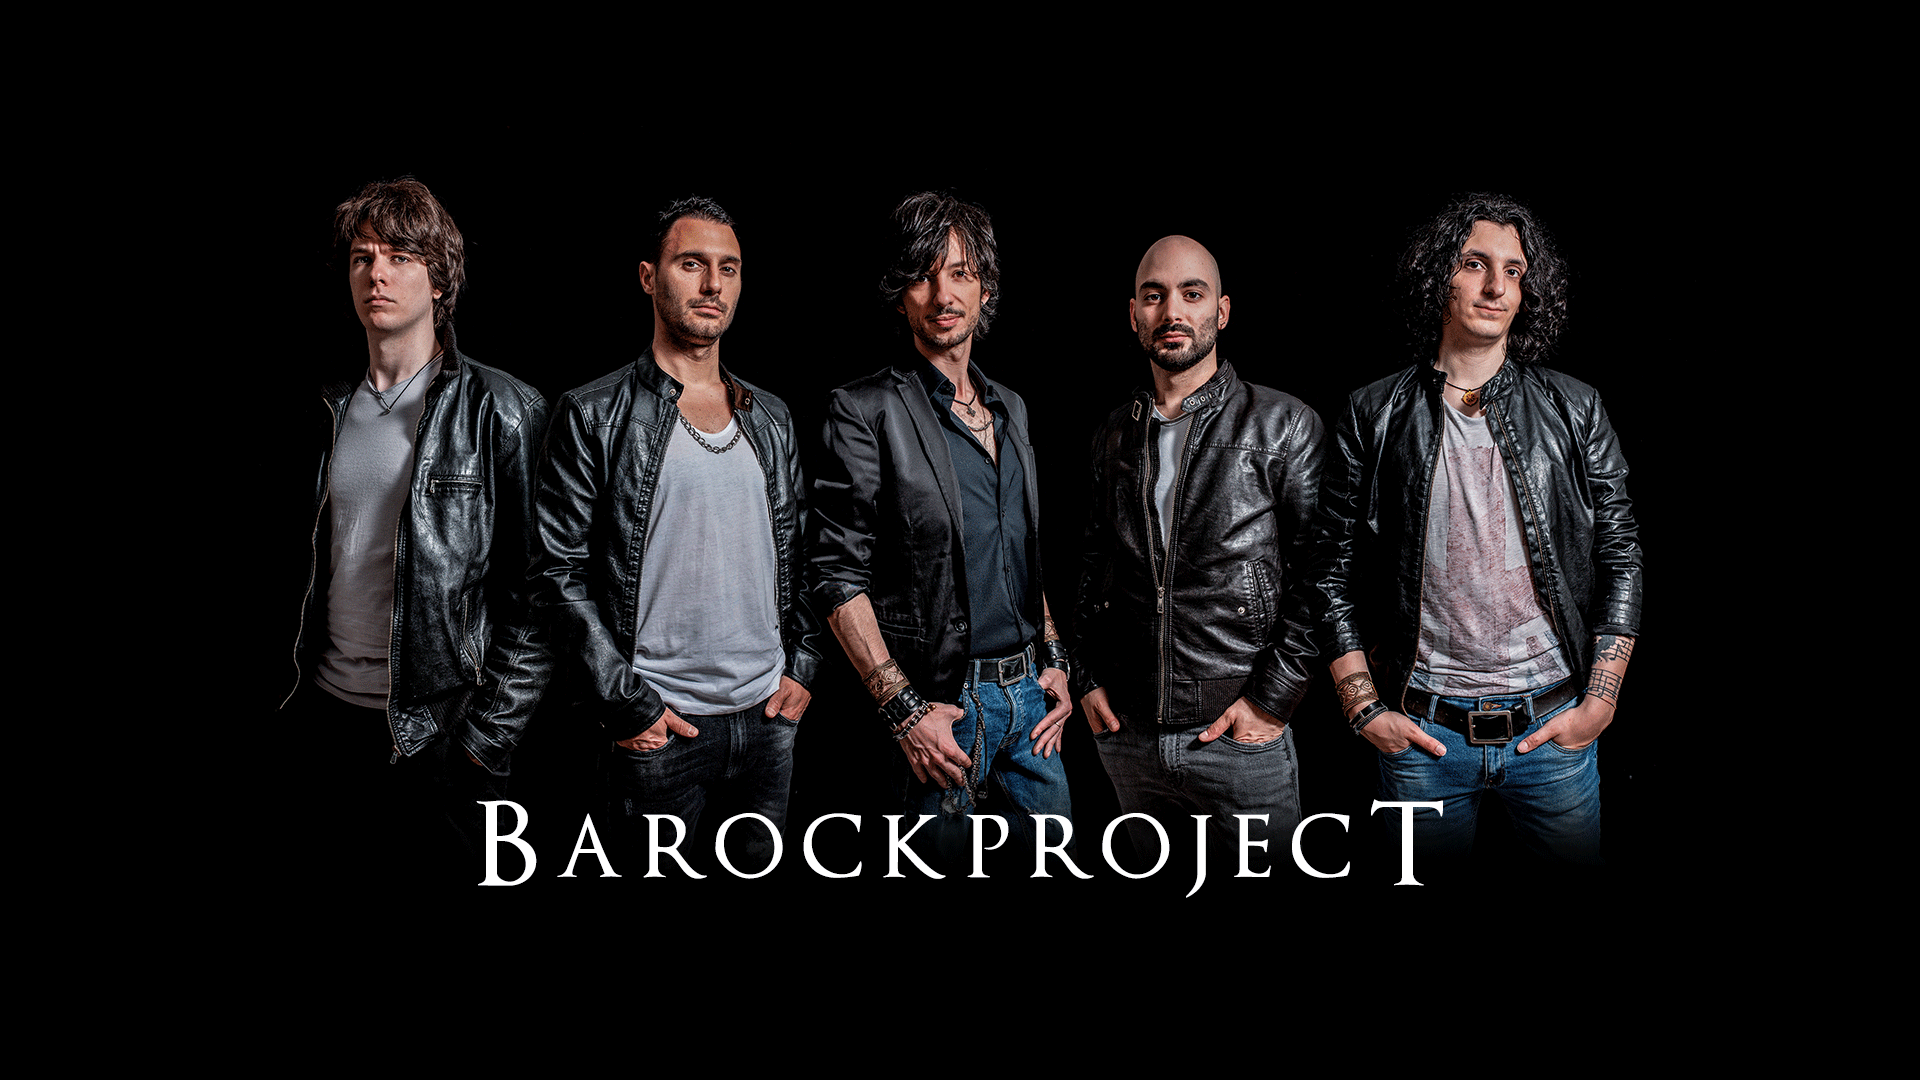 www.barockproject.net